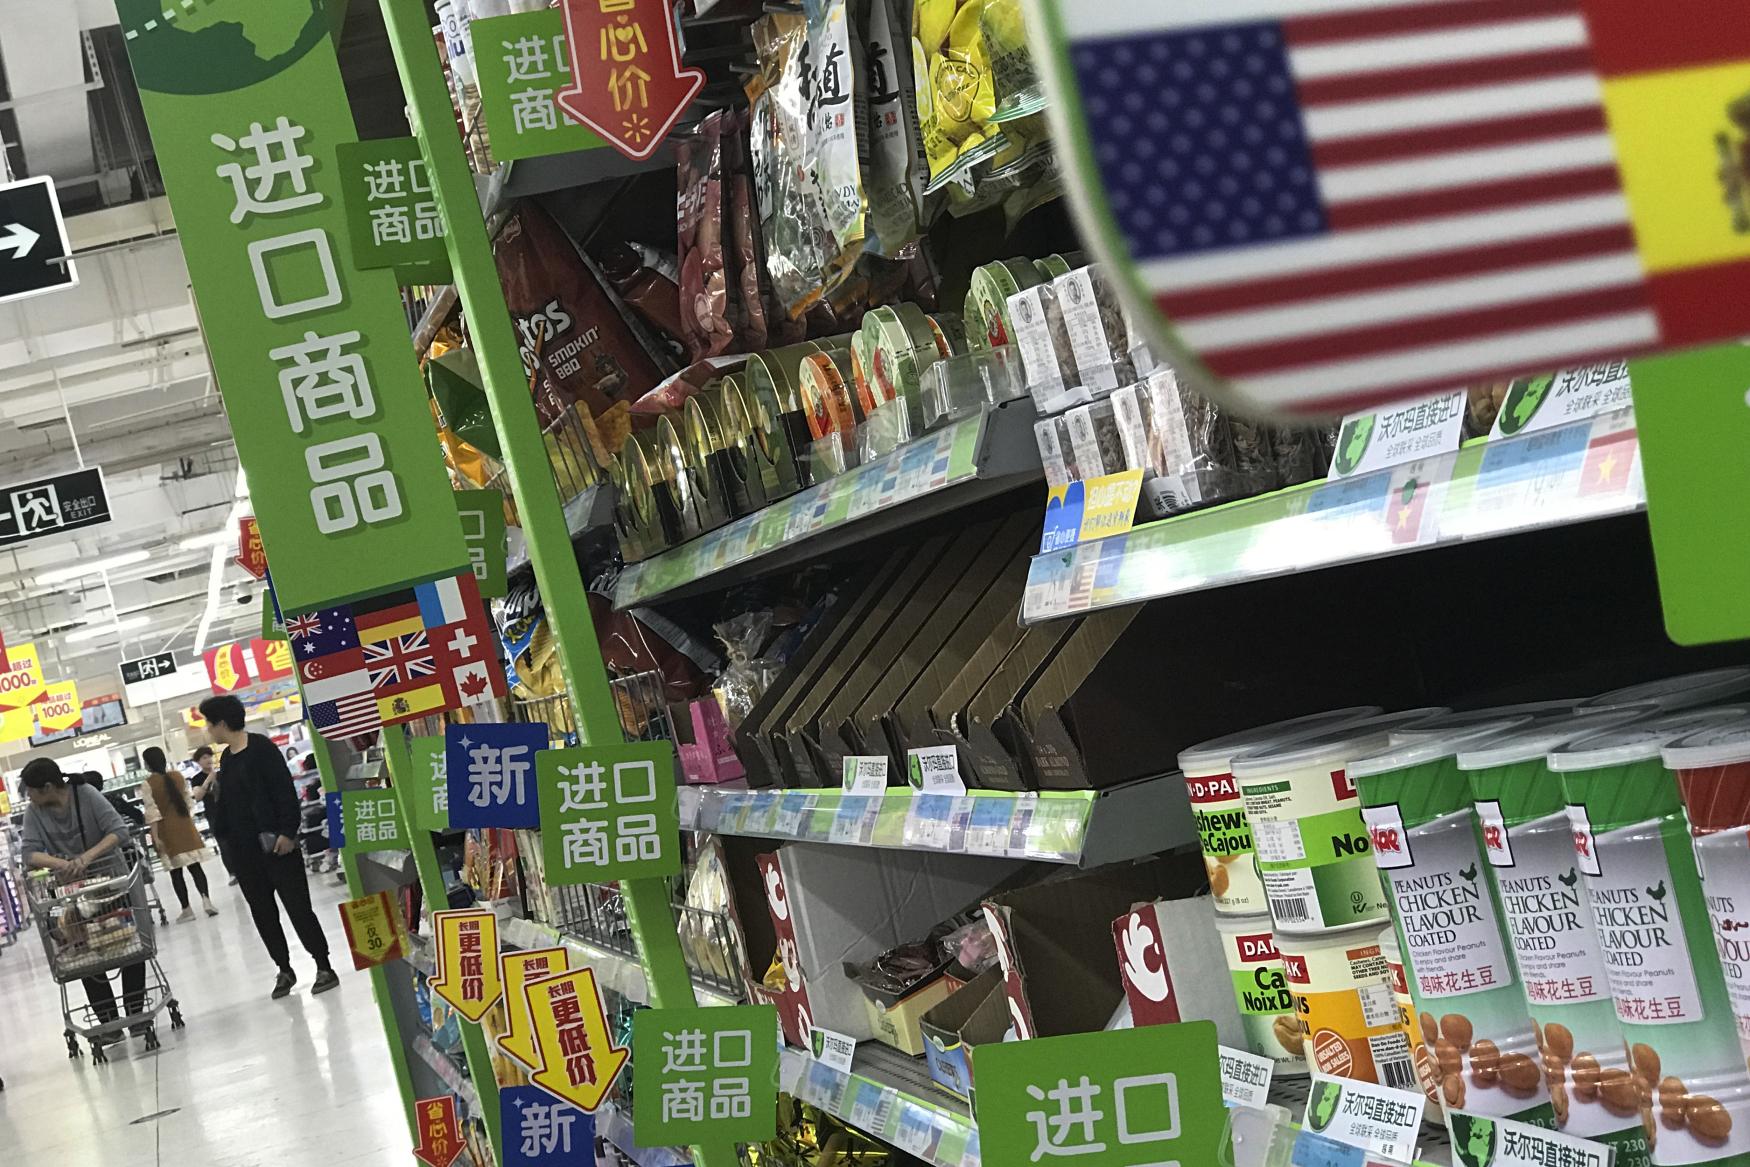 Čína je natolik mocná, že pouze kolektivní akce by ji mohla přimět změnit chování